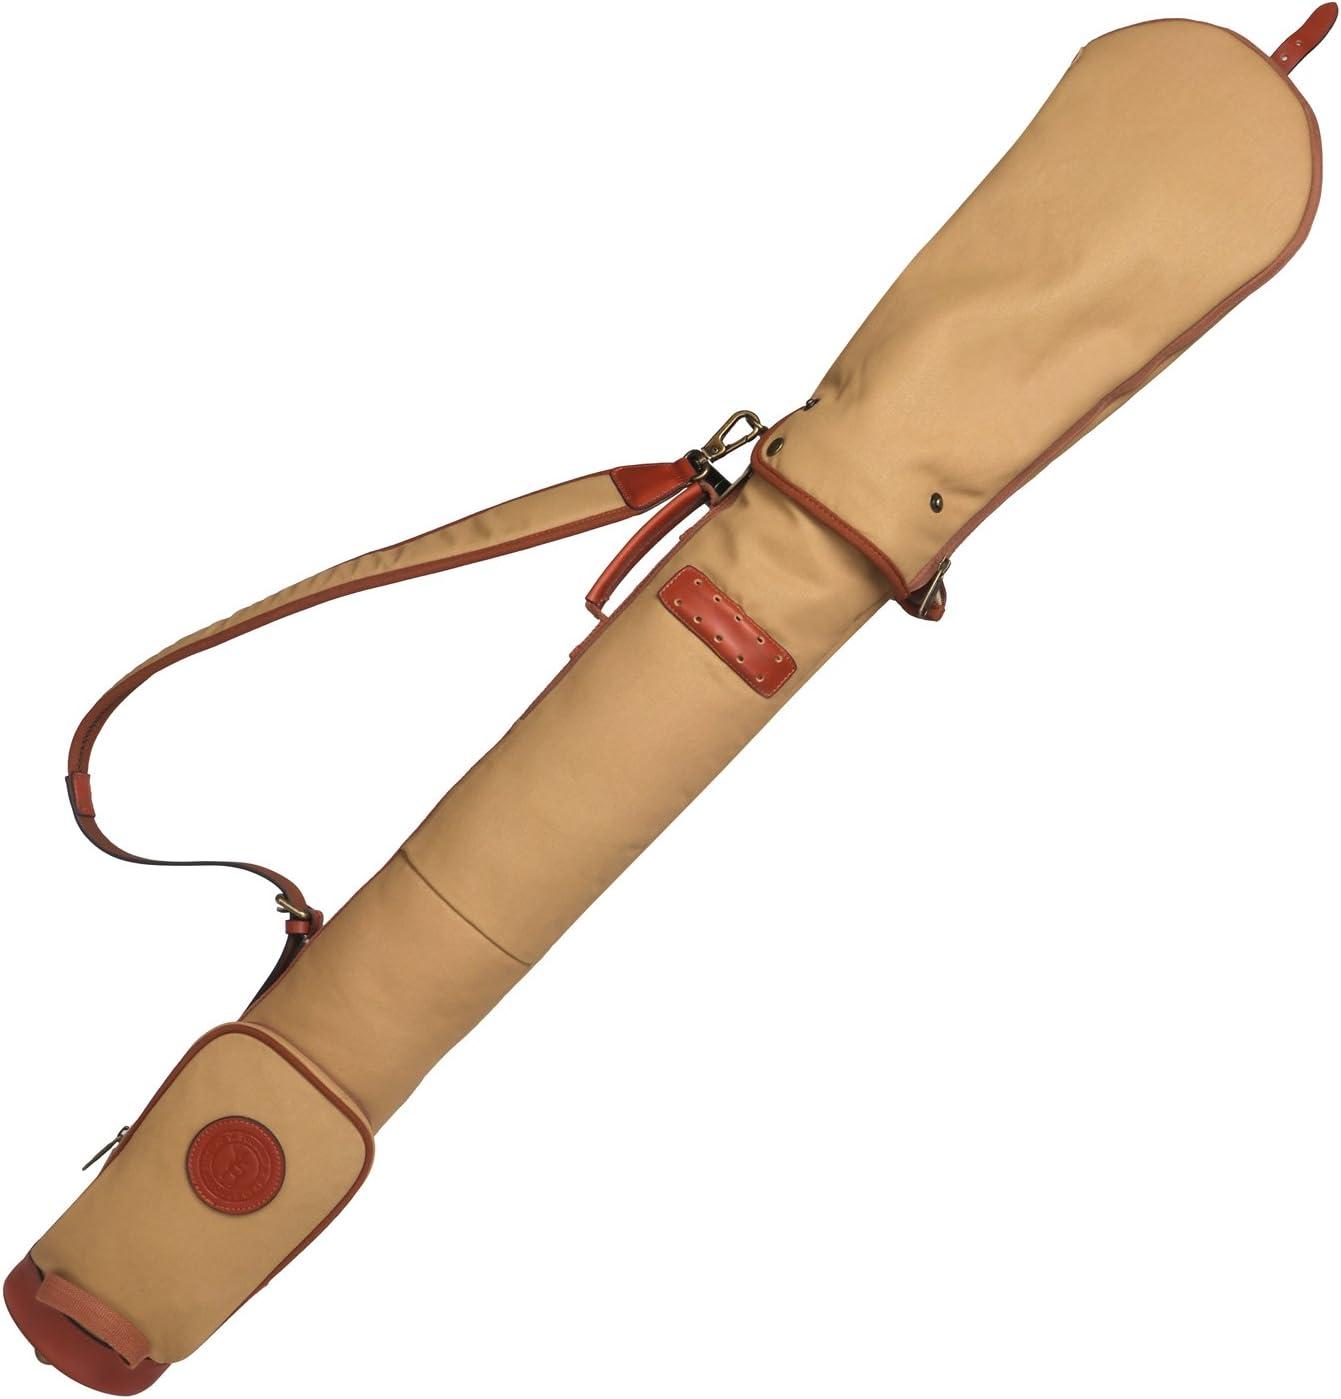 TOURBON Impermeable de la lona del campo de entrenamiento de la práctica del golf del club lleva el caso del viaje del bolso con la correa acolchada suave del hombro